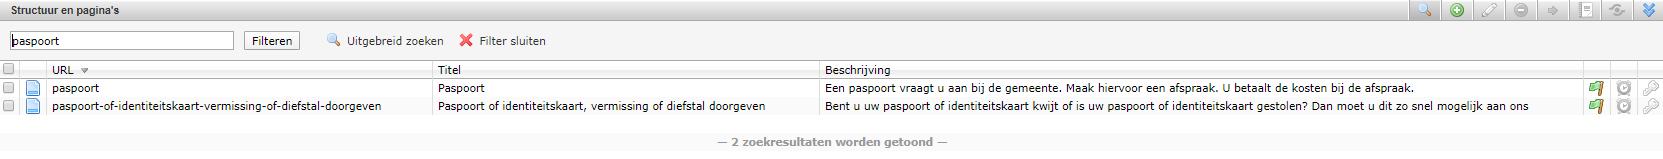 schermafdruk van de zoekbalk binnen de module